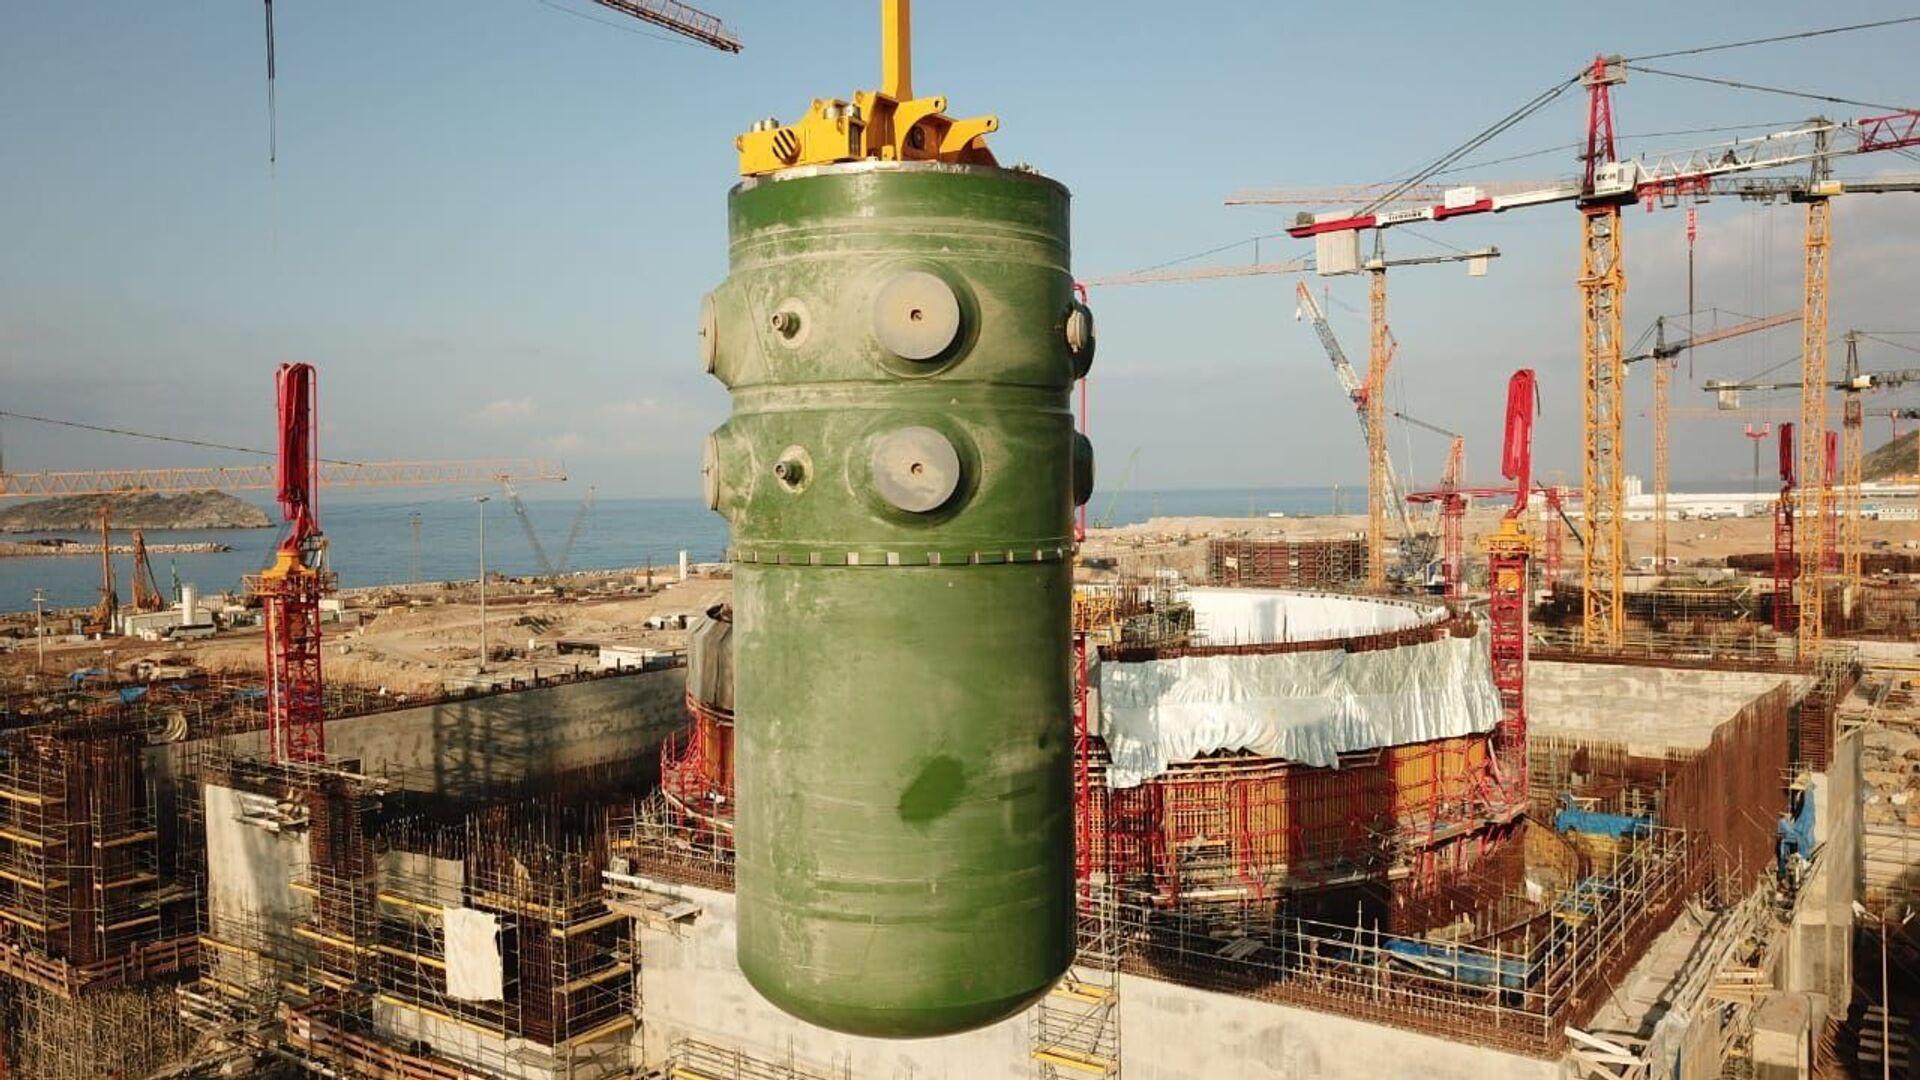 Akkuyu Nükleer Güç Santrali'nde birinci ünitenin reaktör kabı - Sputnik Türkiye, 1920, 10.08.2021